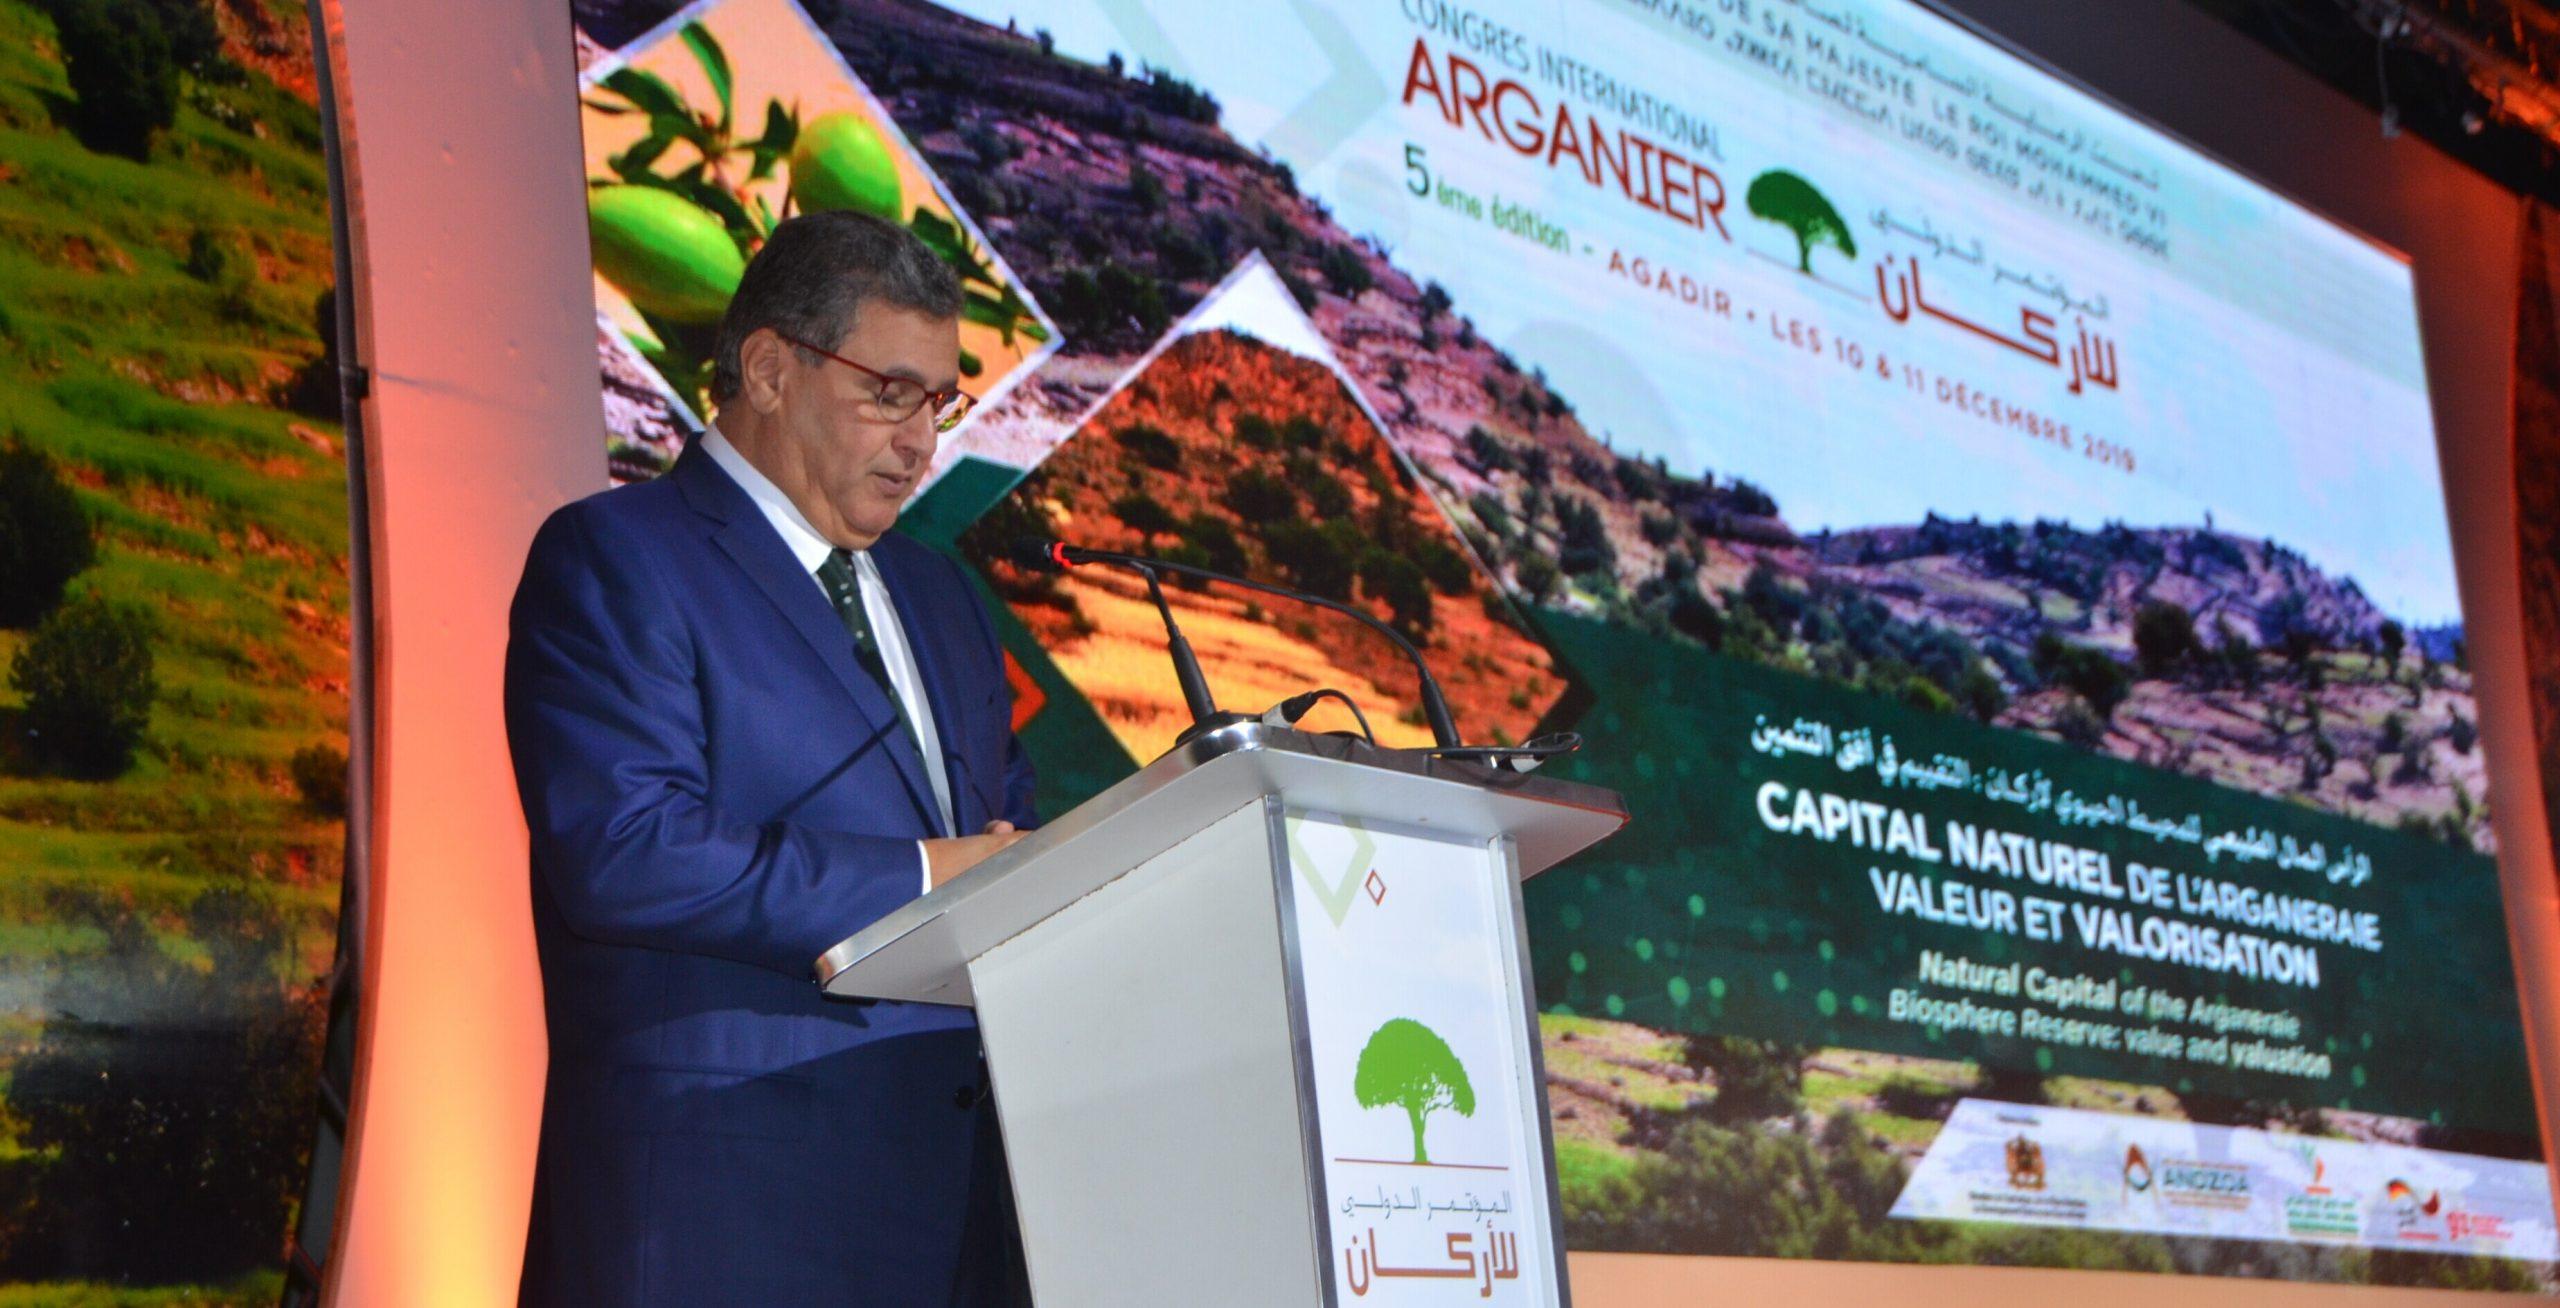 congrès international de l'Arganier.